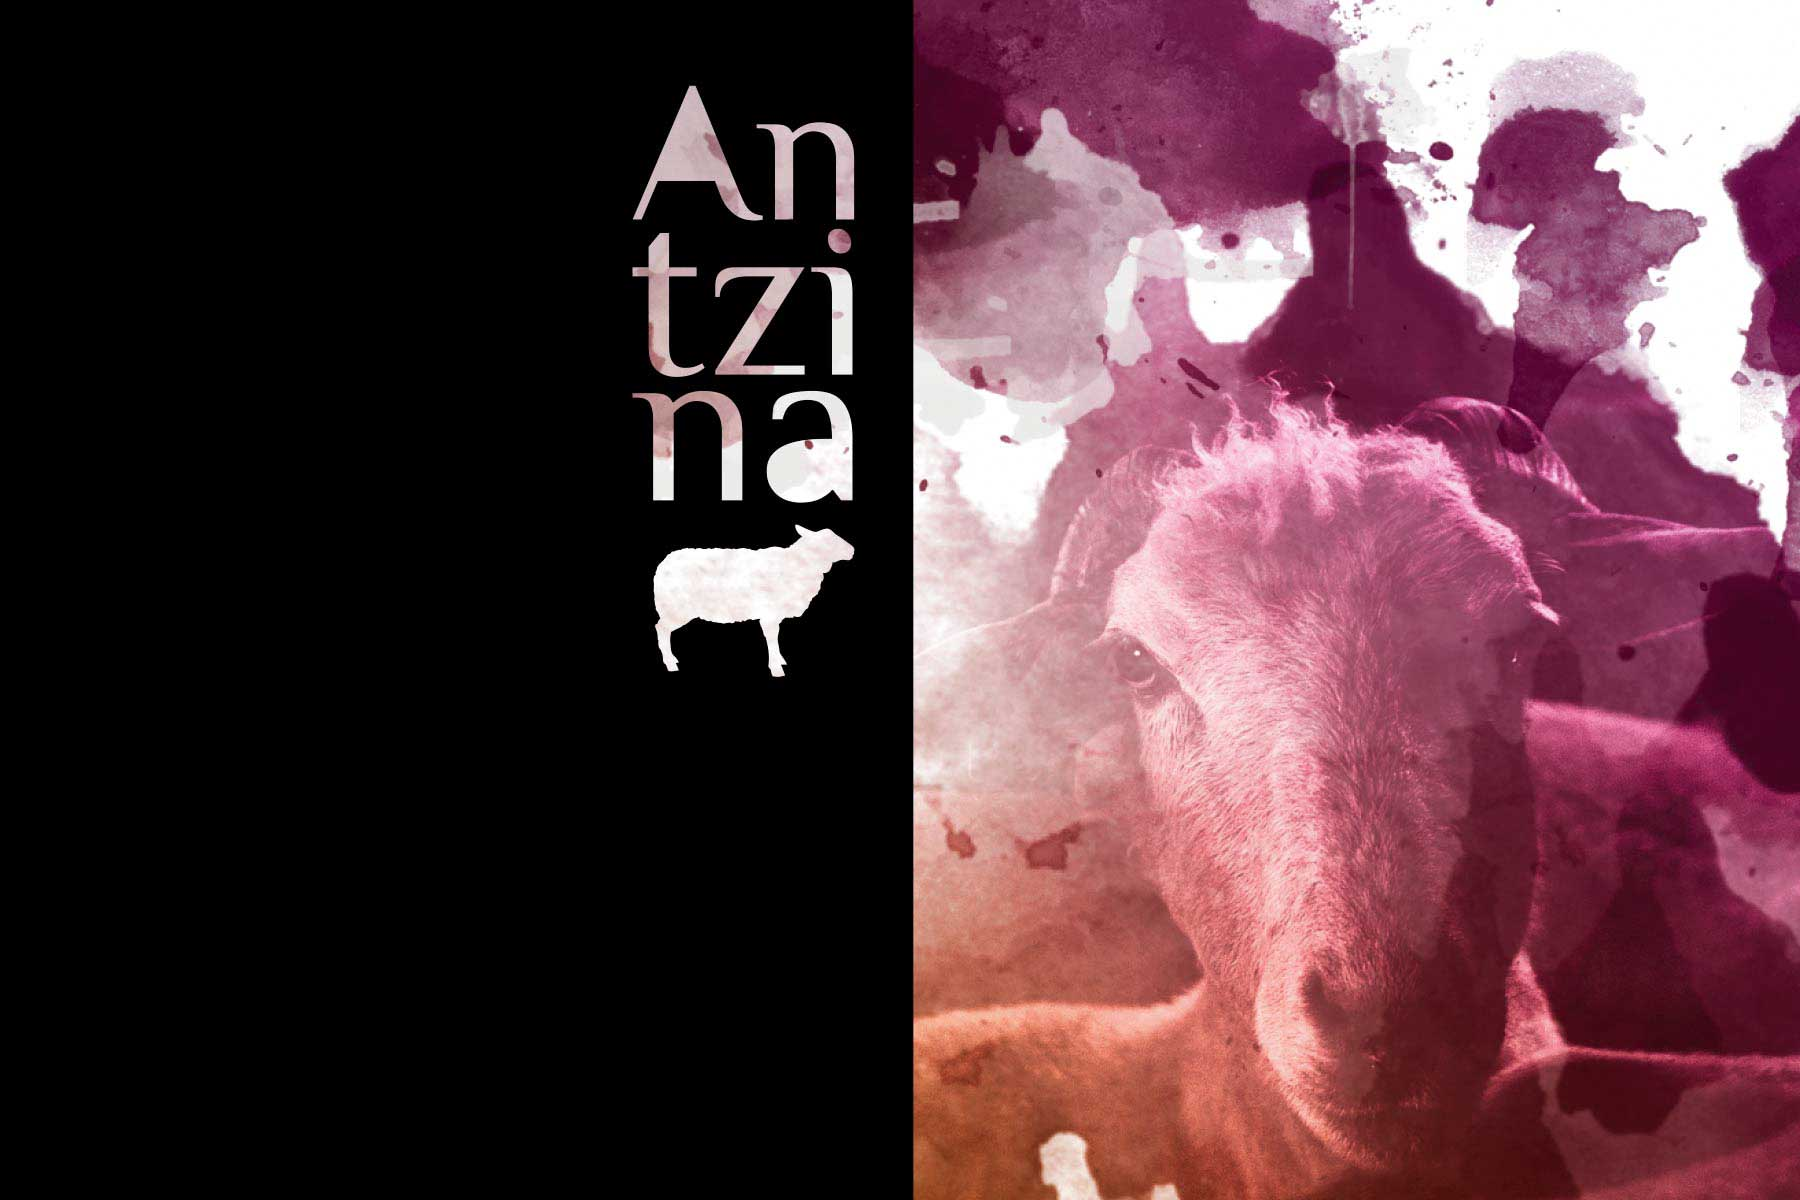 Antzina  Gazta